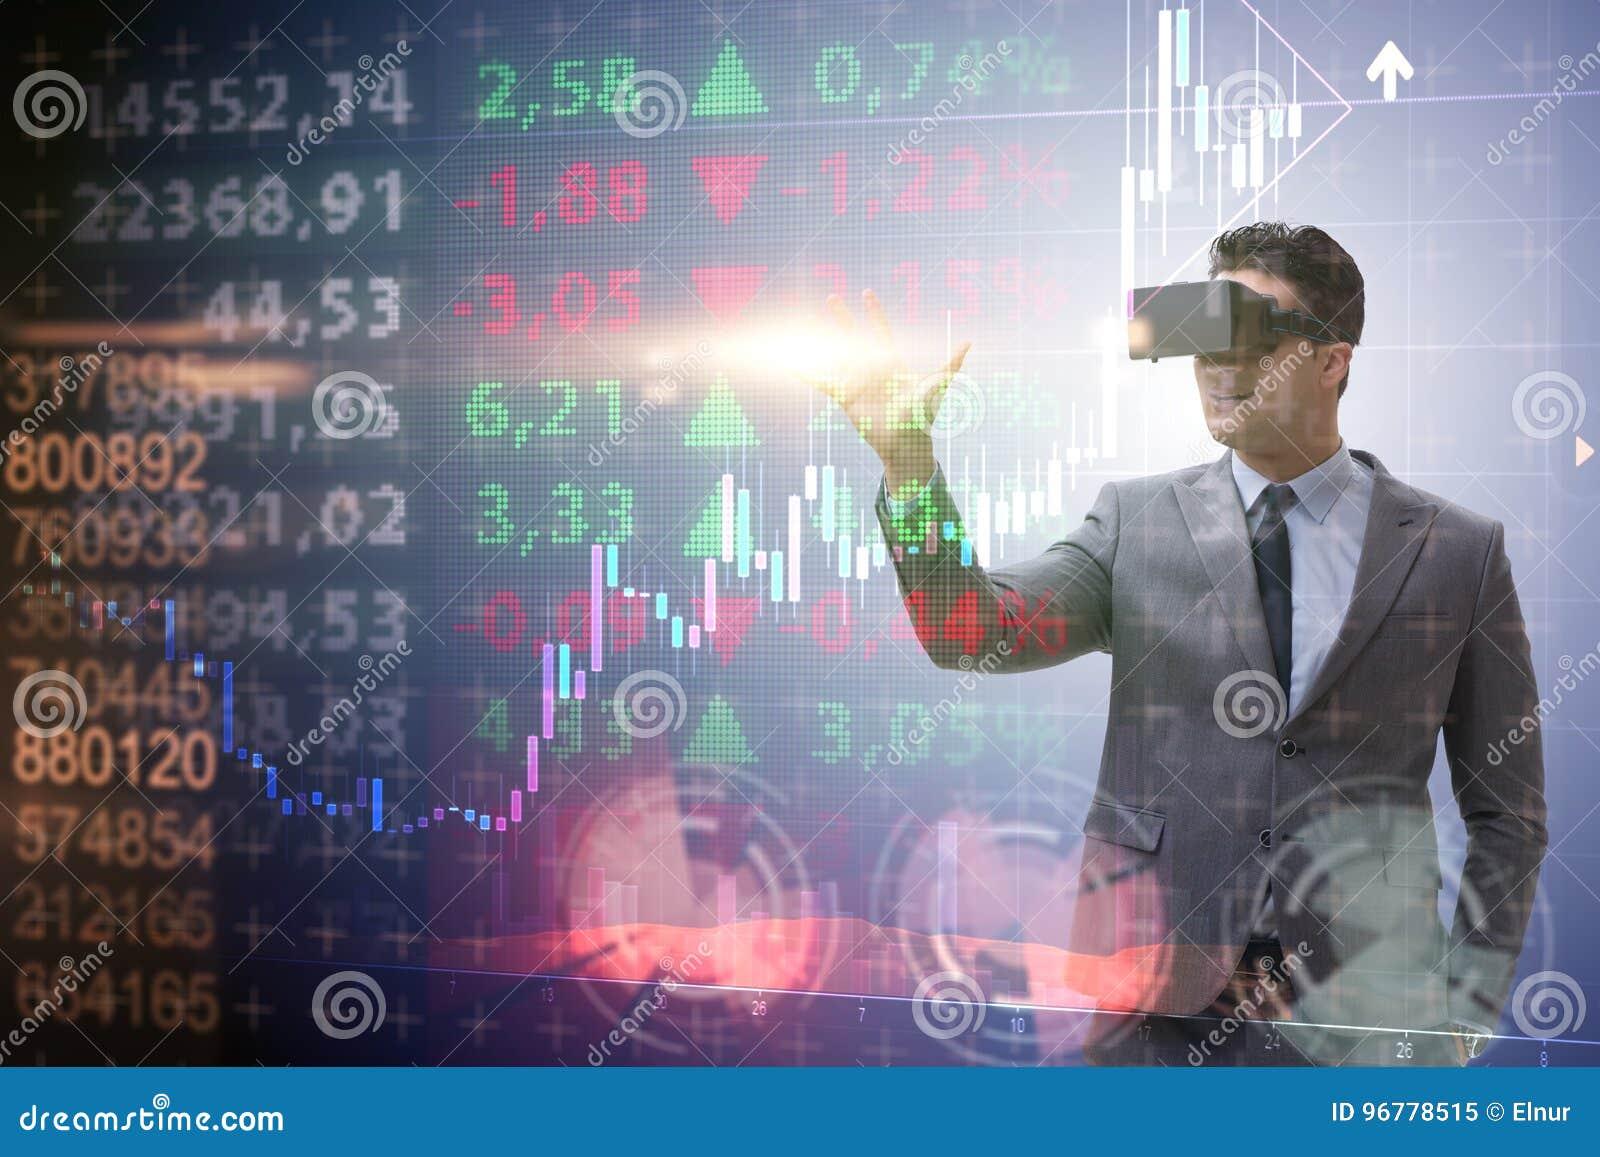 Der Geschäftsmann in der virtuellen Realität, die auf Börse handelt